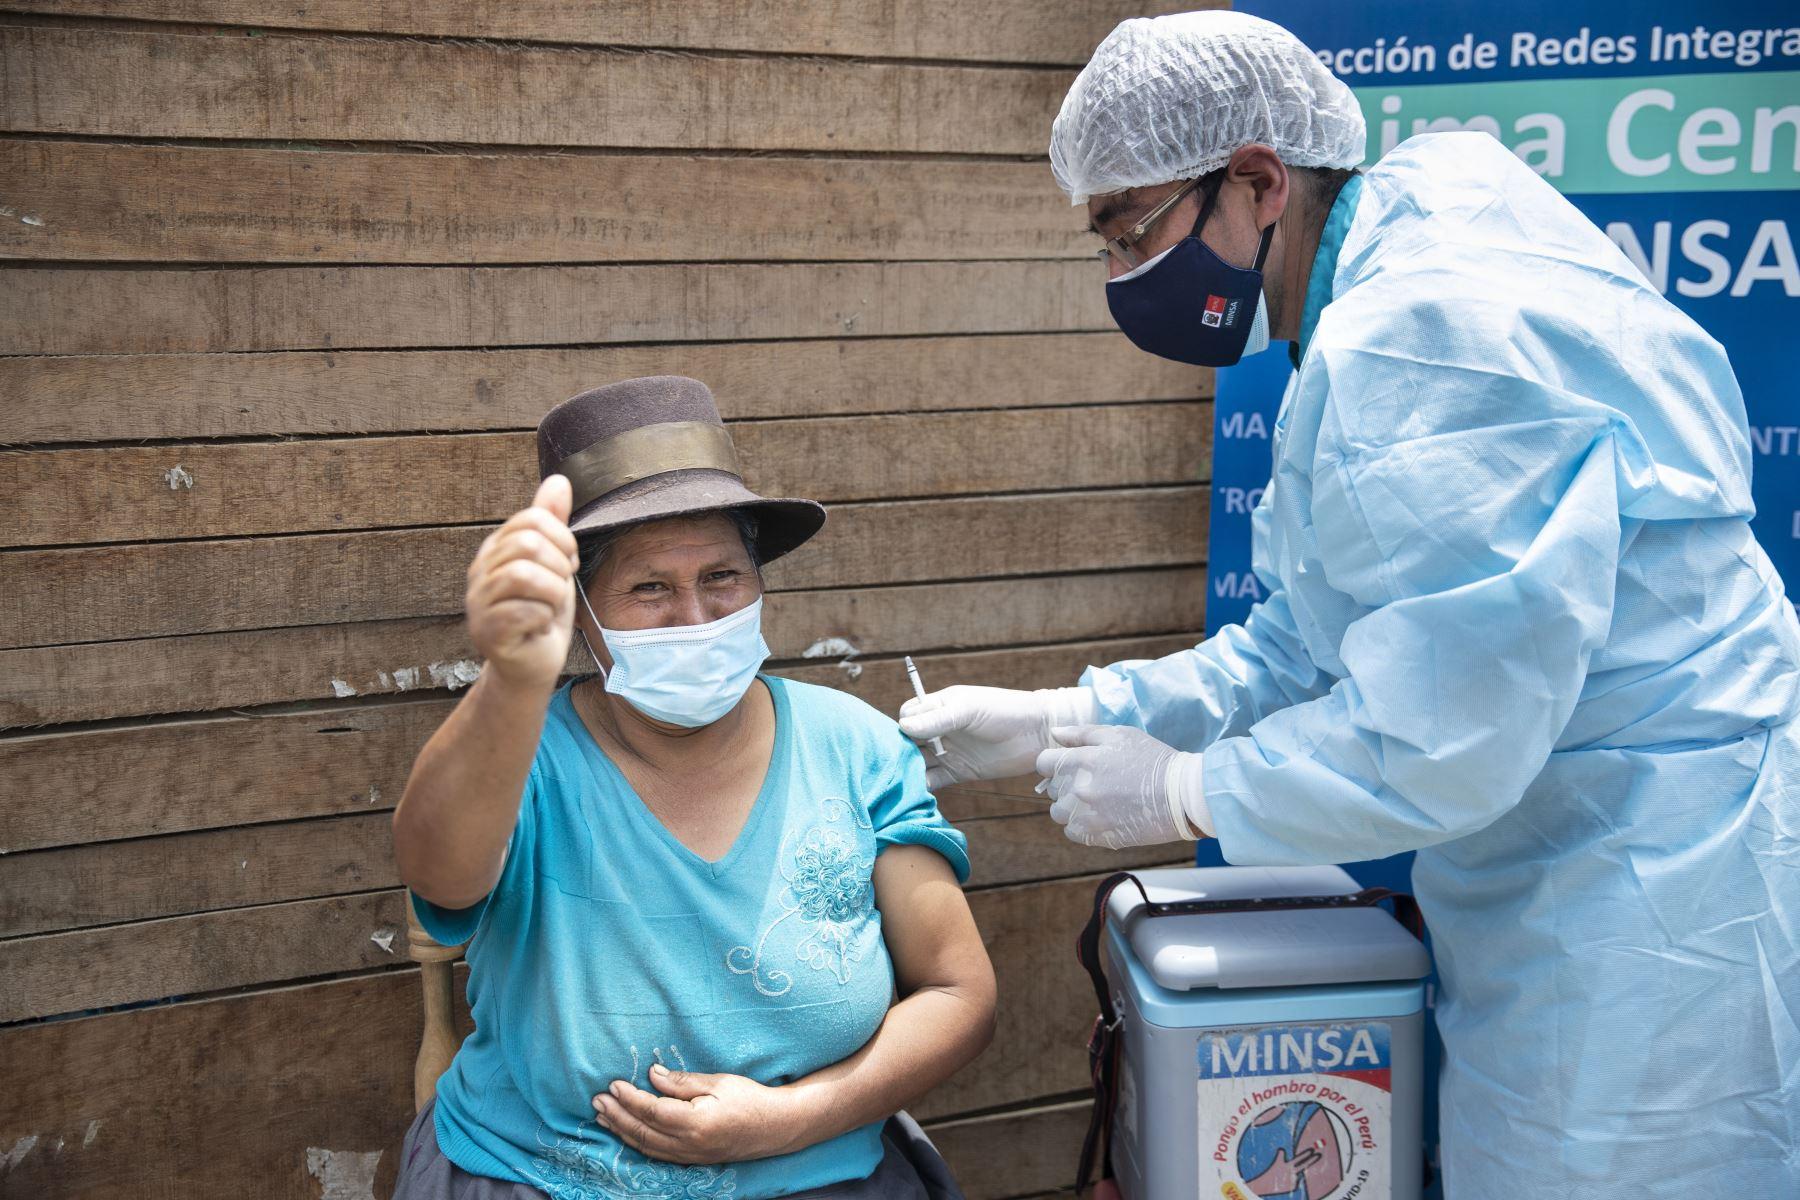 """Alejandra recibiendo su primera dosis de la vacuna contra la Covid-19. Brigadas del Ministerio de Salud a través de la estrategia """"Vamos a tu encuentro, Vacúnate Ya"""" recorrieron casa por casa los alrededores de la loza deportiva """"14 de Febrero"""" con el objetivo de seguir inmunizando a las personas contra la Covid-19, aplicando primeras y segundas dosis. Foto: ANDINA/Carla Patiño"""